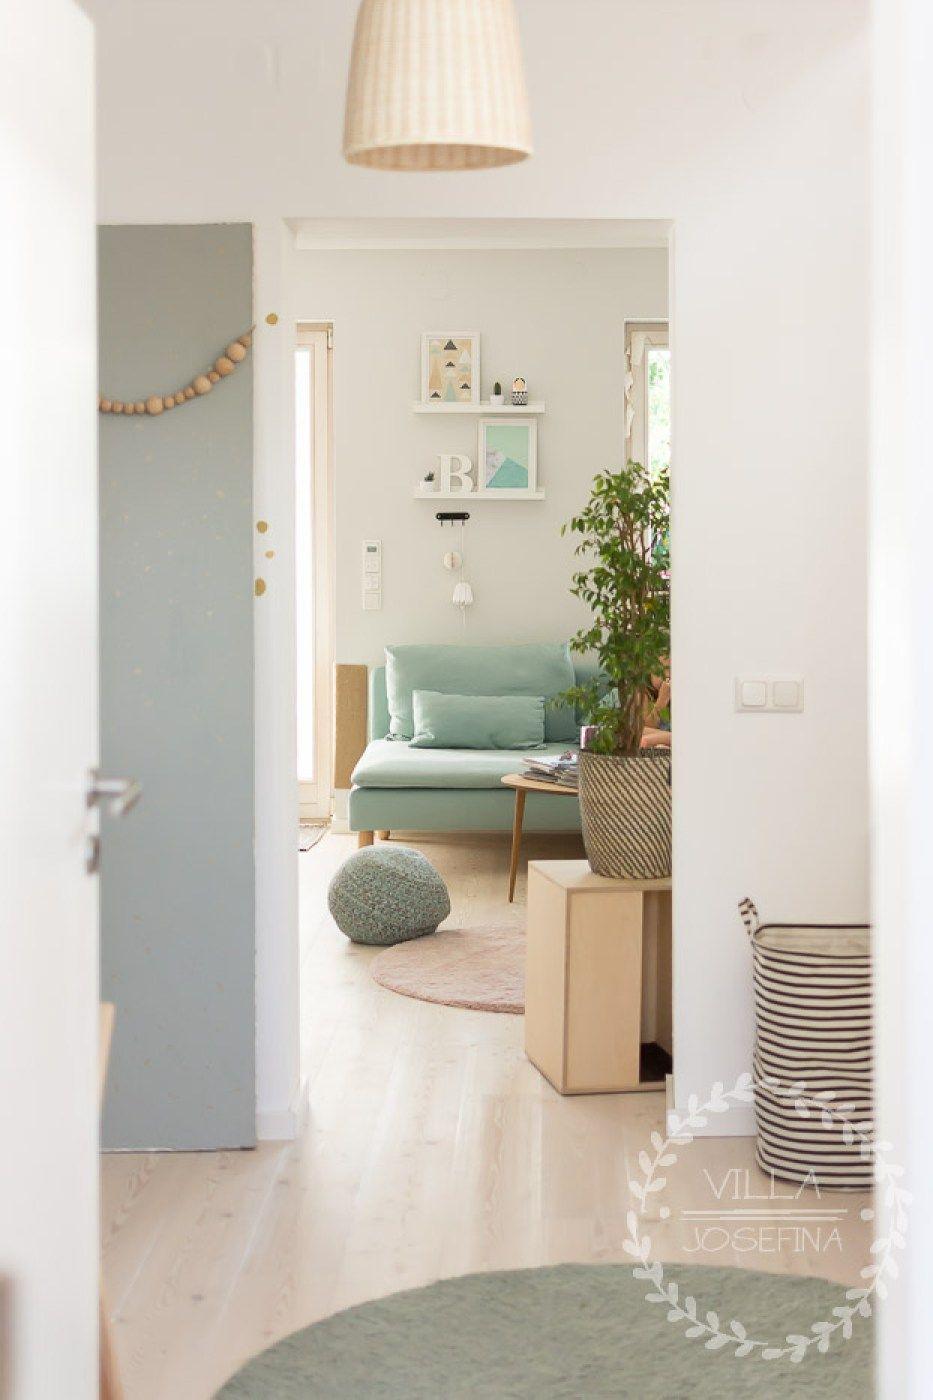 Umbau Reihenhaus Teil II - Wohnzimmer Update | Pinterest ...